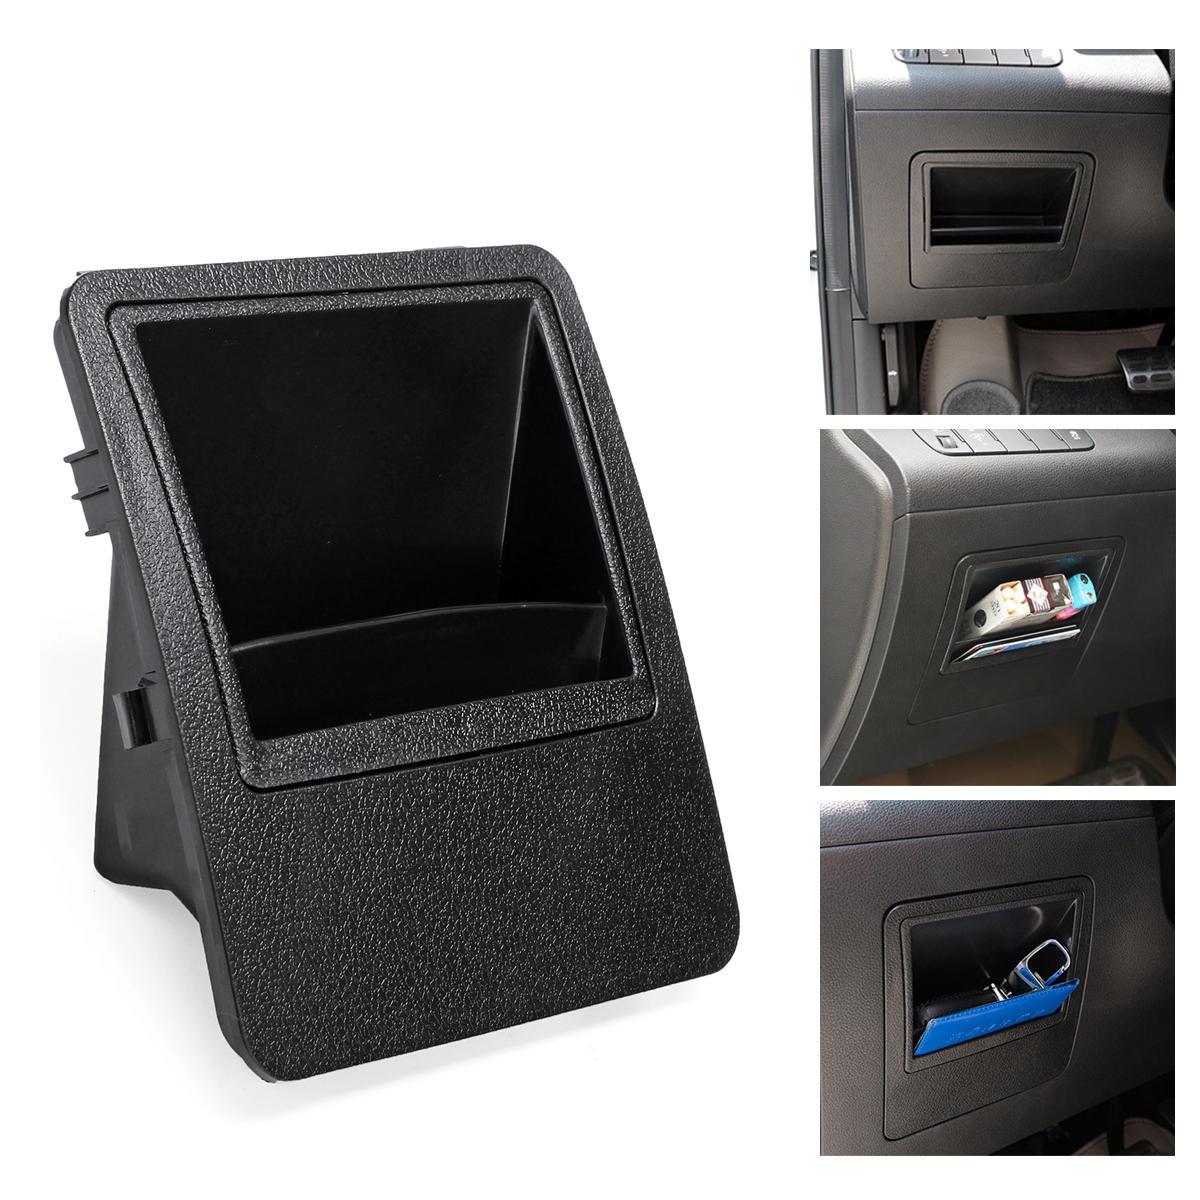 Interior Coche Almacenamiento izquierdo Caja Ajuste de la cubierta del mango para Hyundai Elantra 2017 2018